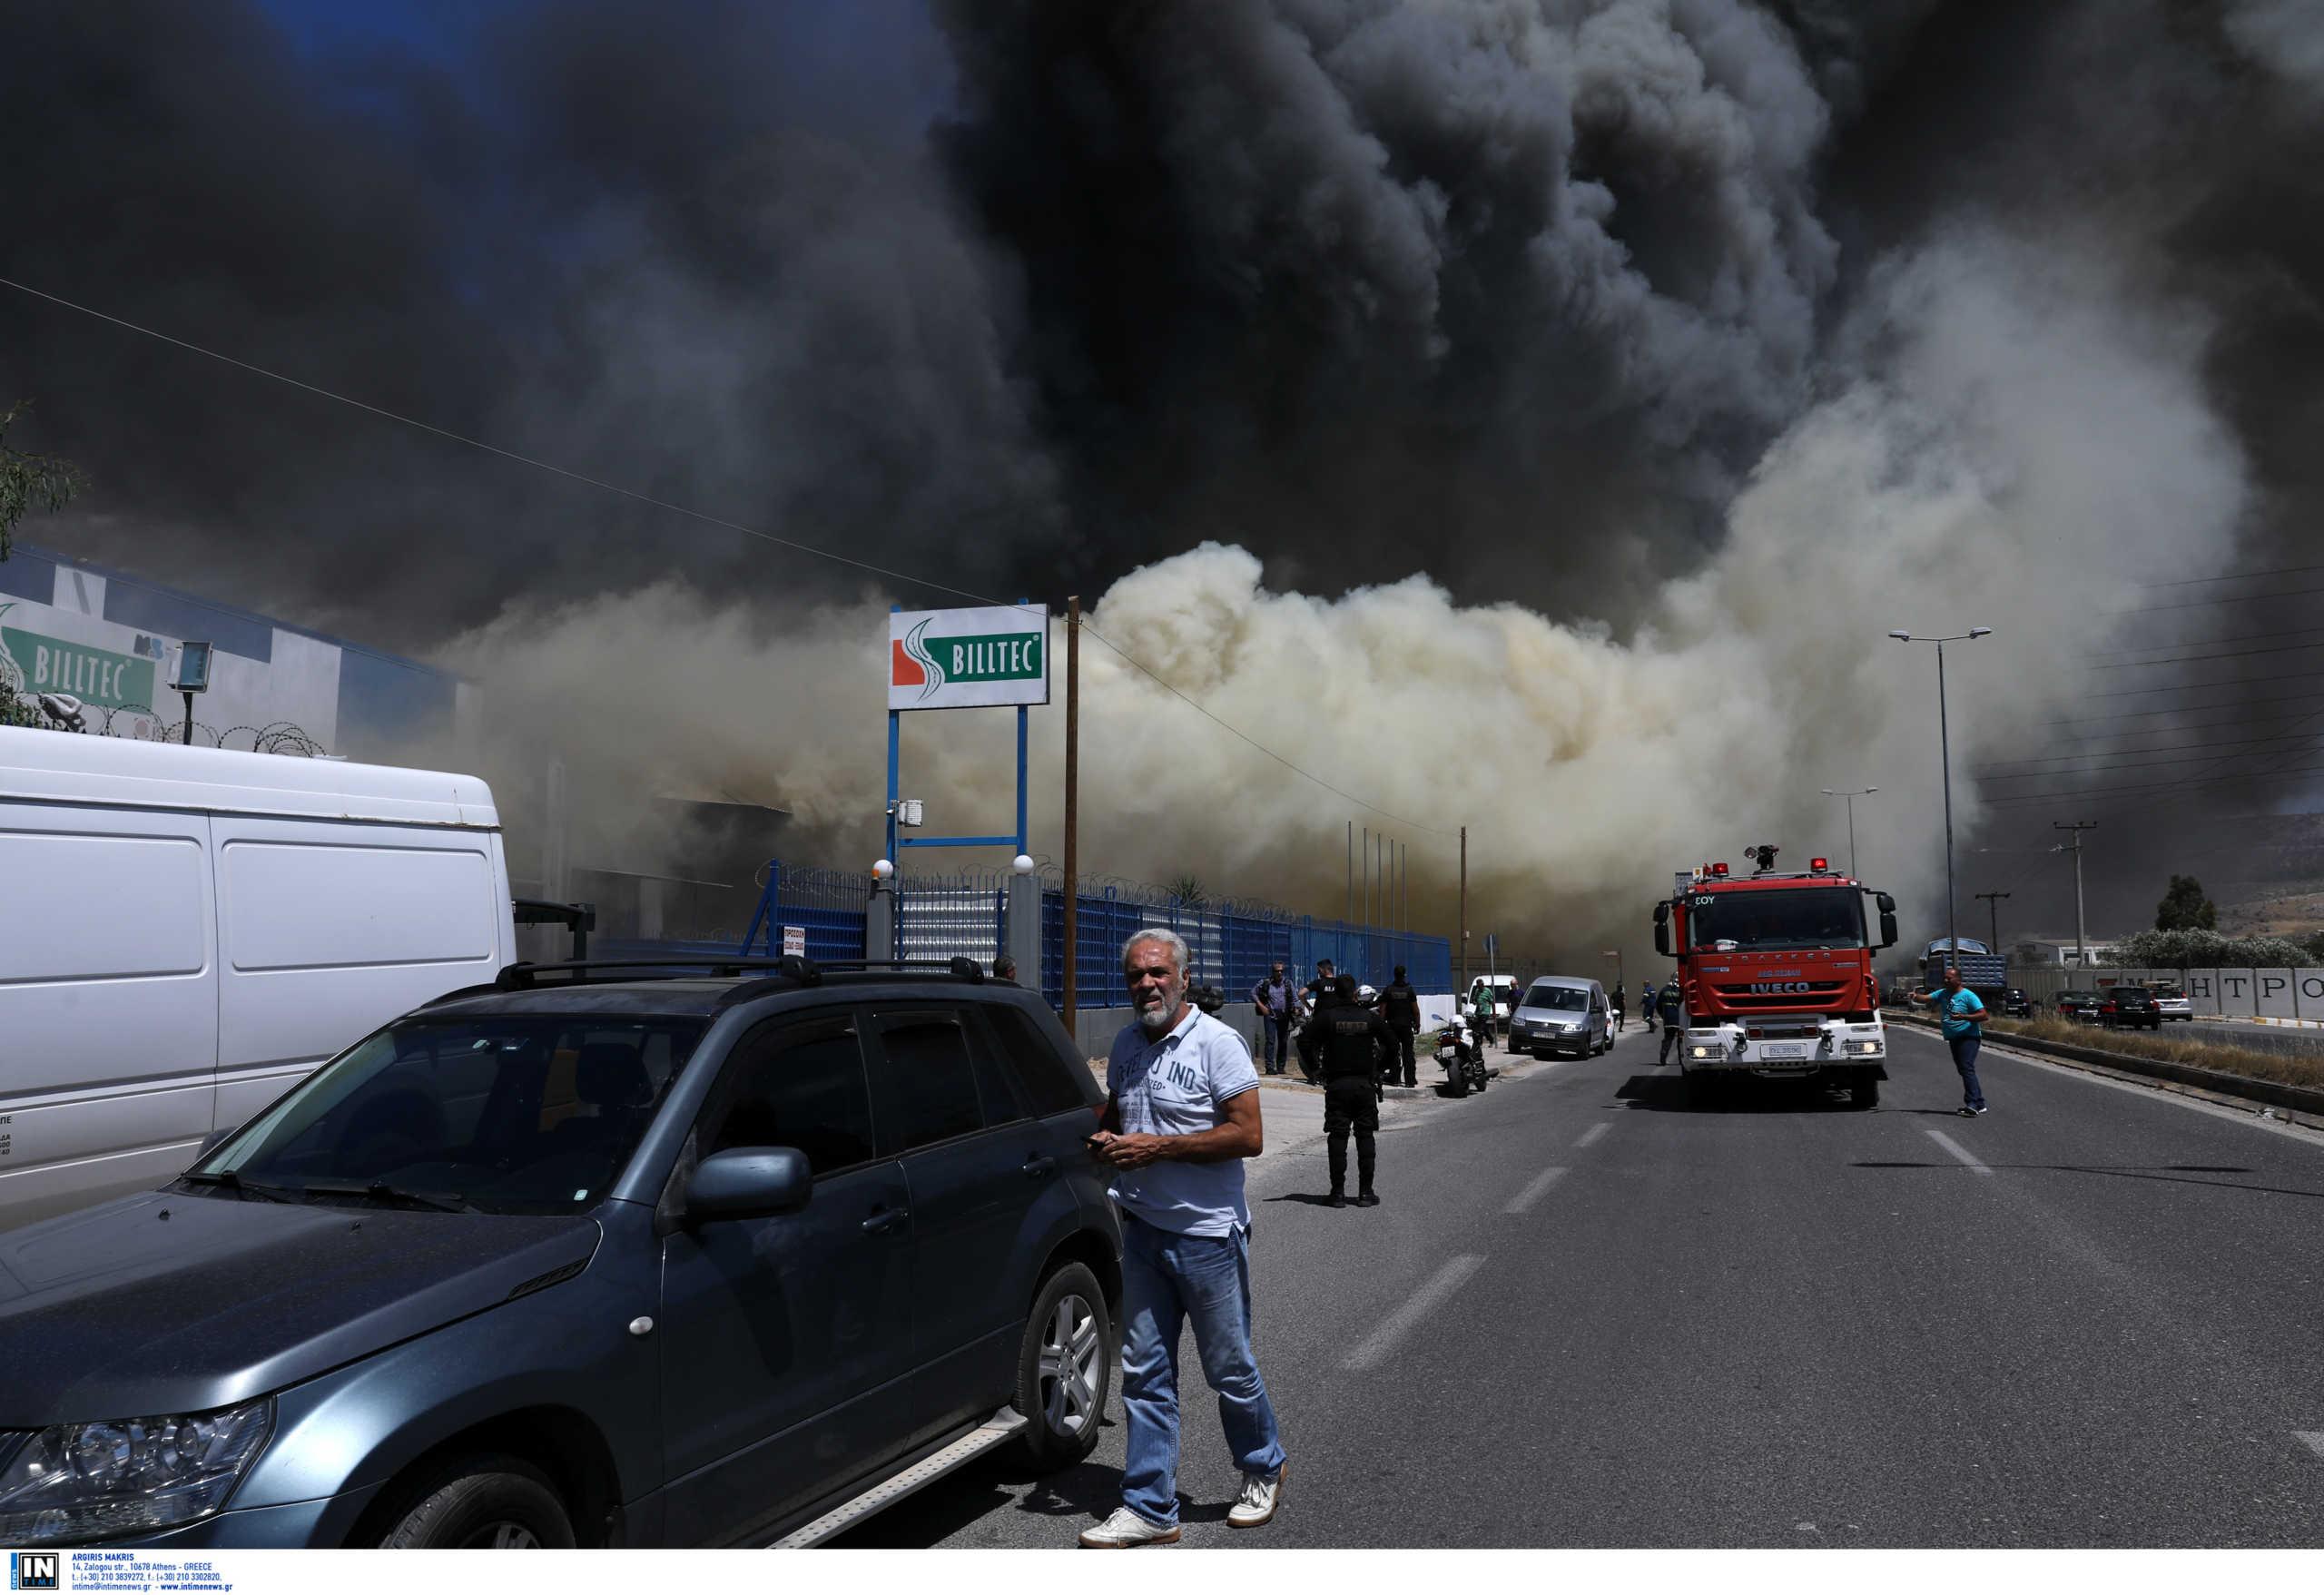 Ασπρόπυργος: Κόλαση φωτιάς σε εργοστάσιο – Συγκλονιστικές φωτογραφίες!